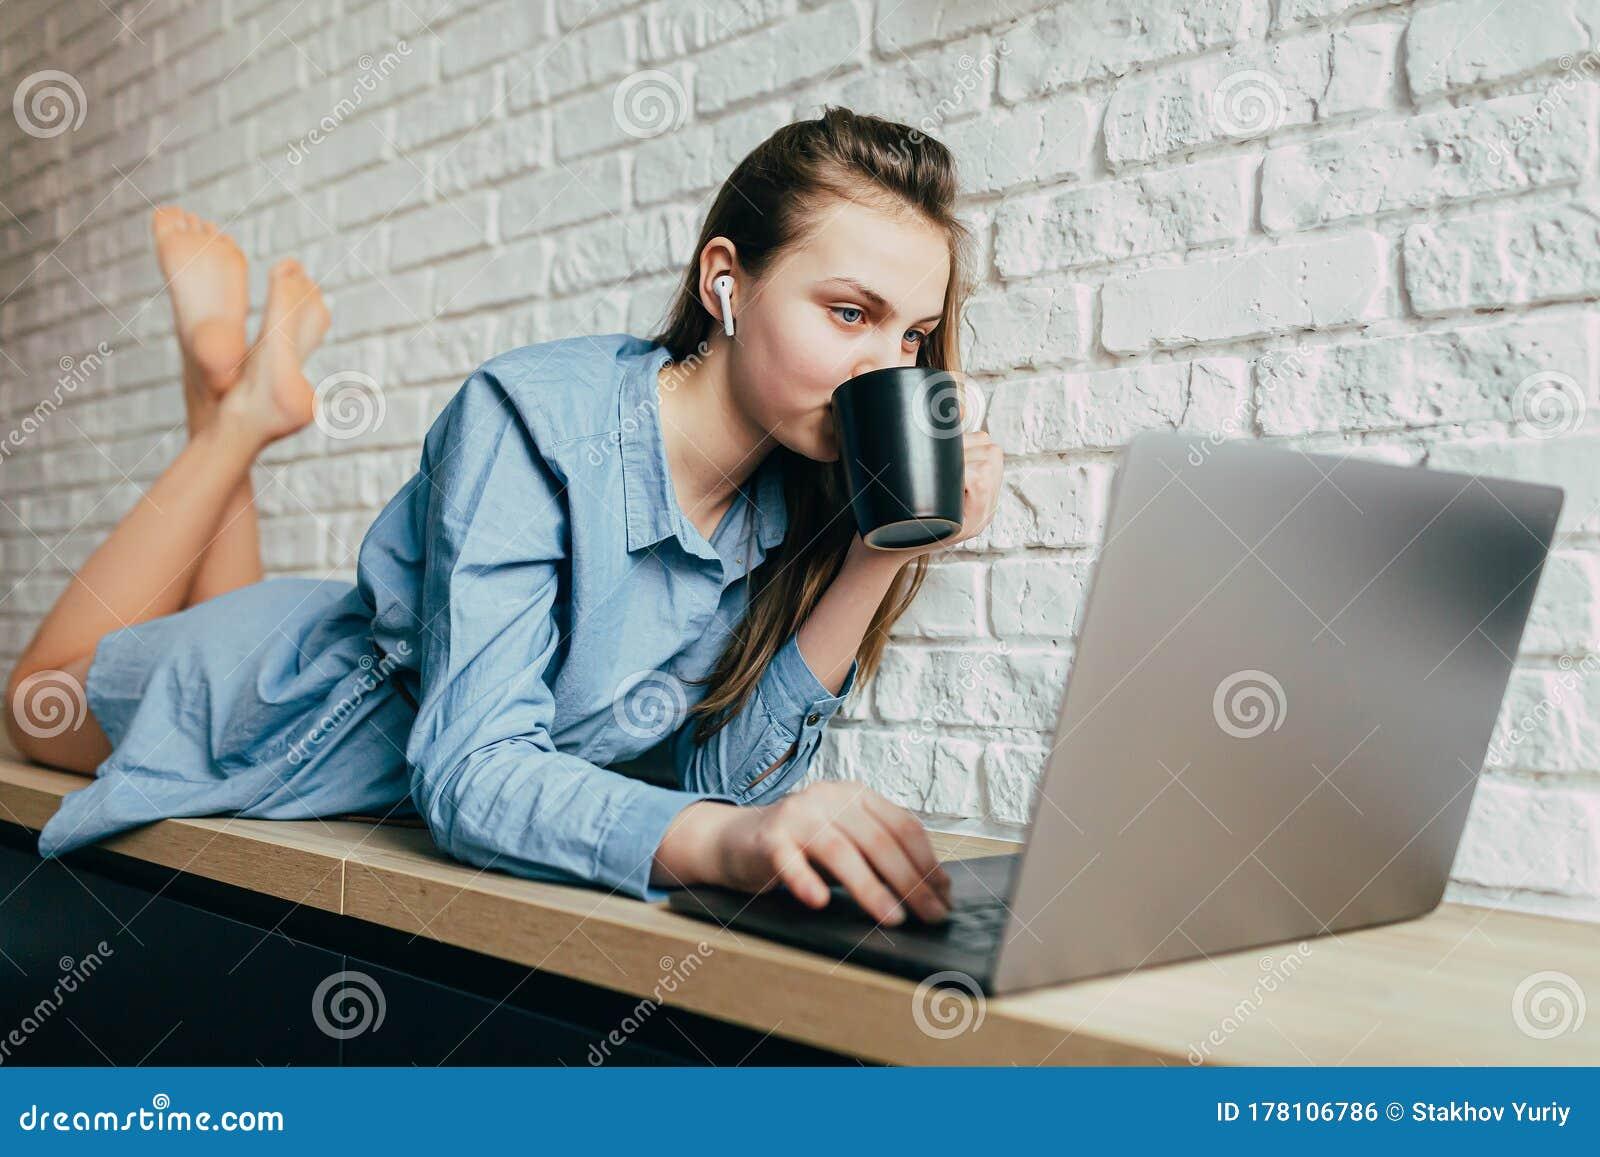 Работы для девушек слушать красивым девушкам скучно на работе